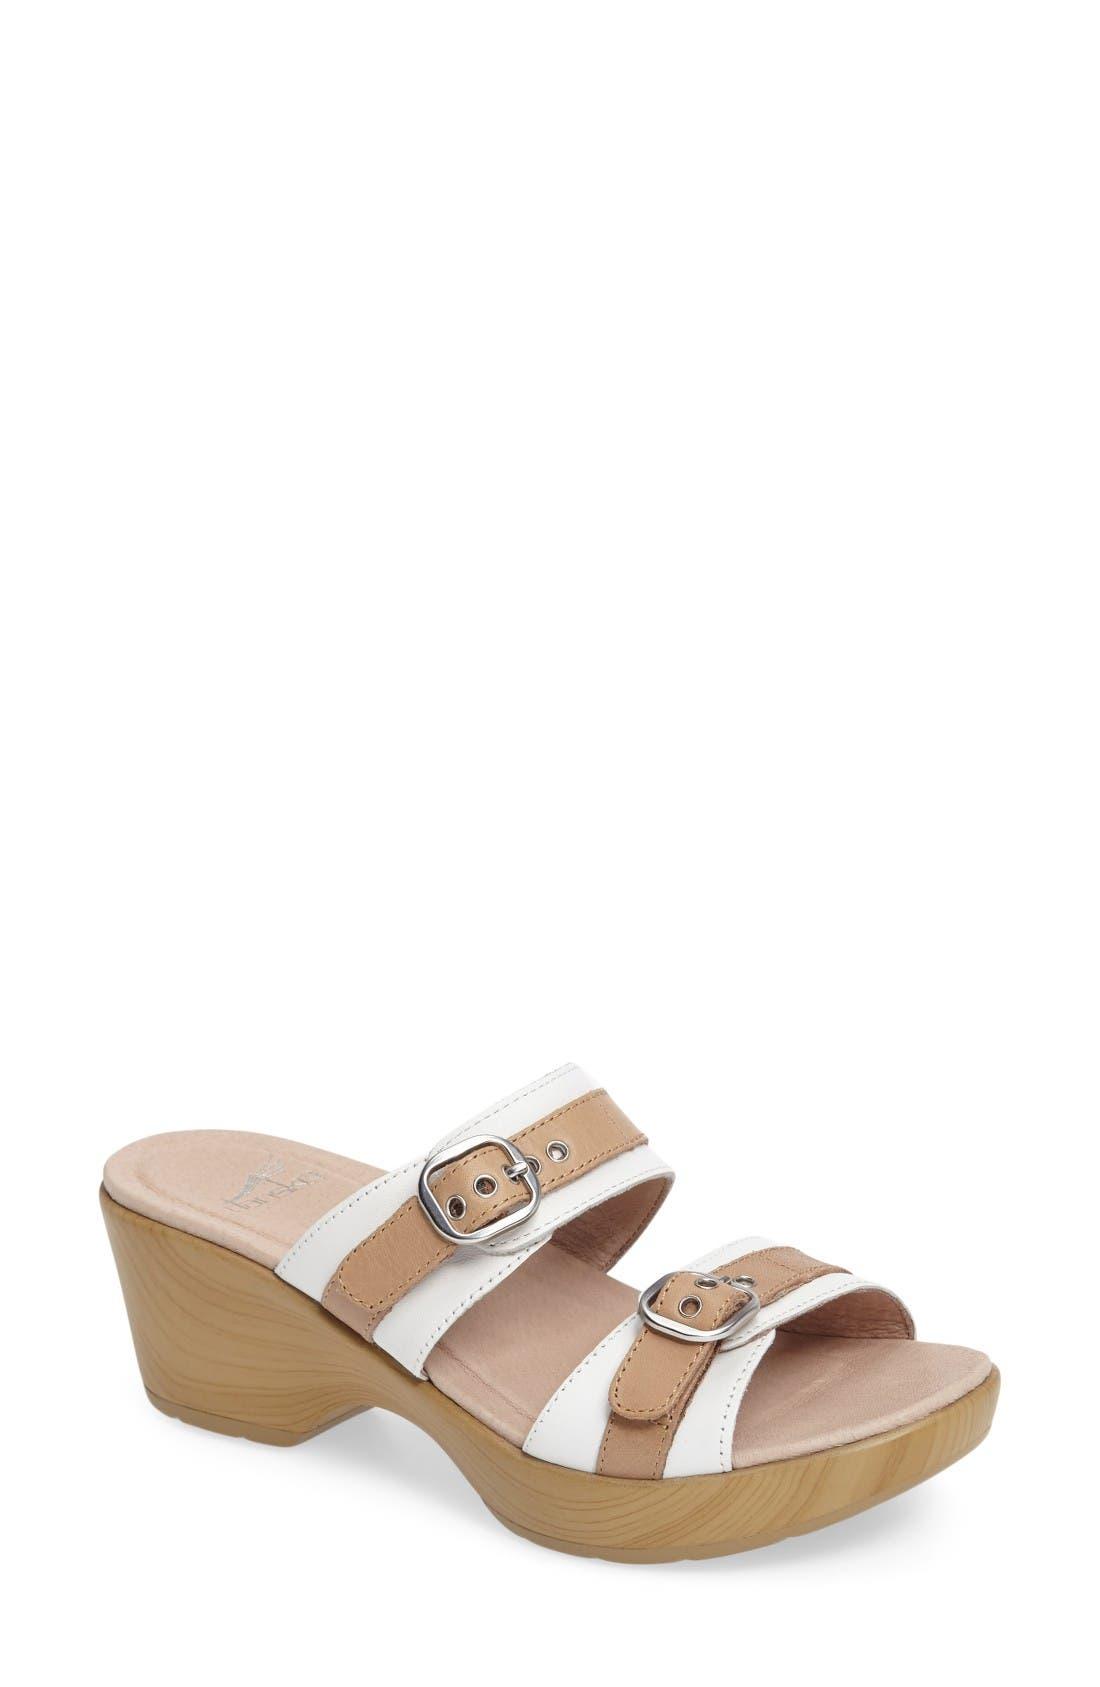 Main Image - Dansko 'Jessie' Double Strap Sandal (Women)